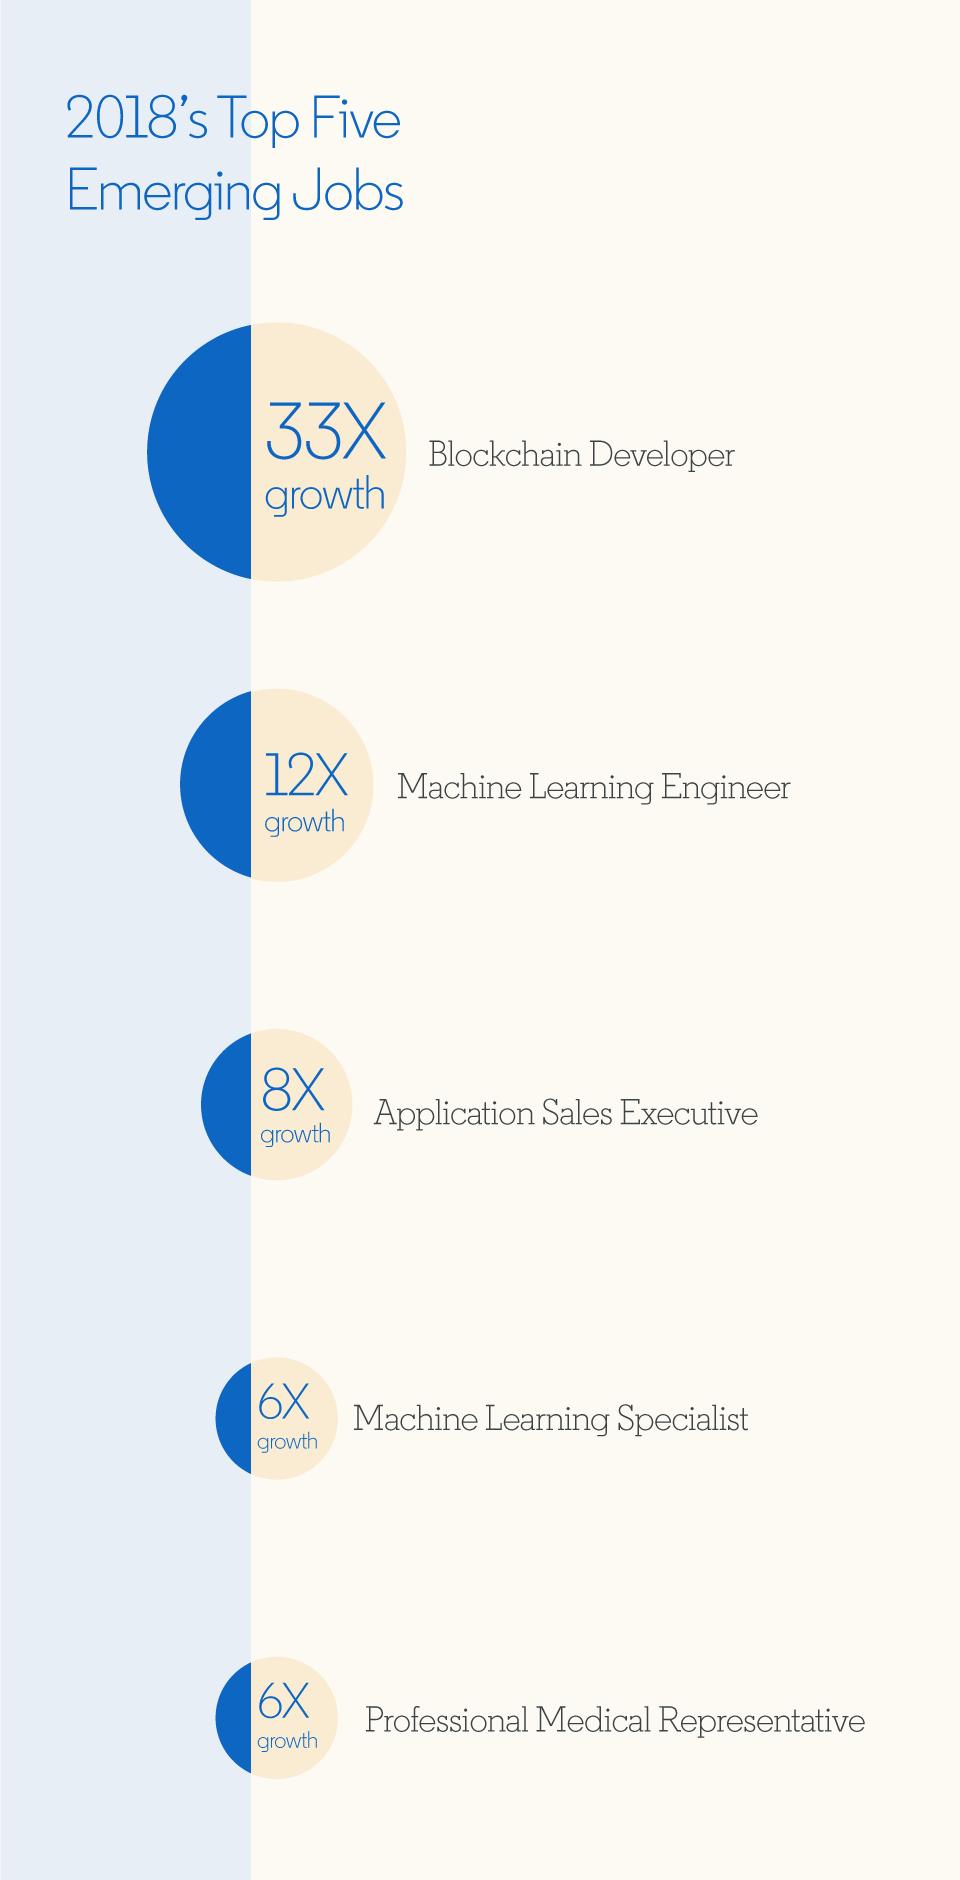 Métiers émergents 2018 Linkedin